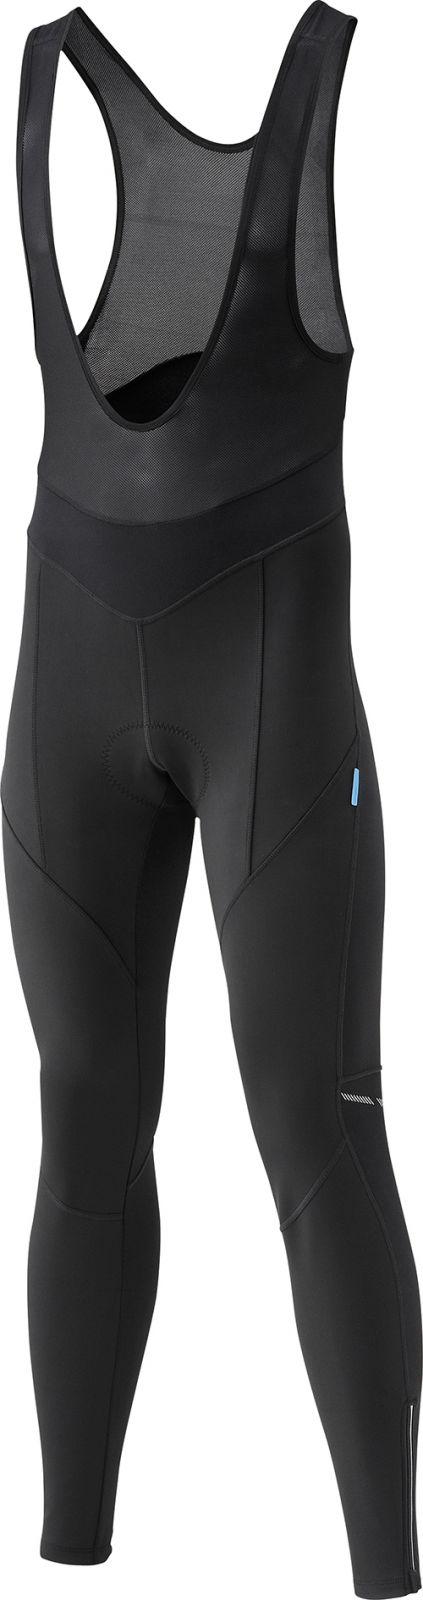 SHIMANO Performance Windbreak kalhoty s laclem, černá, L